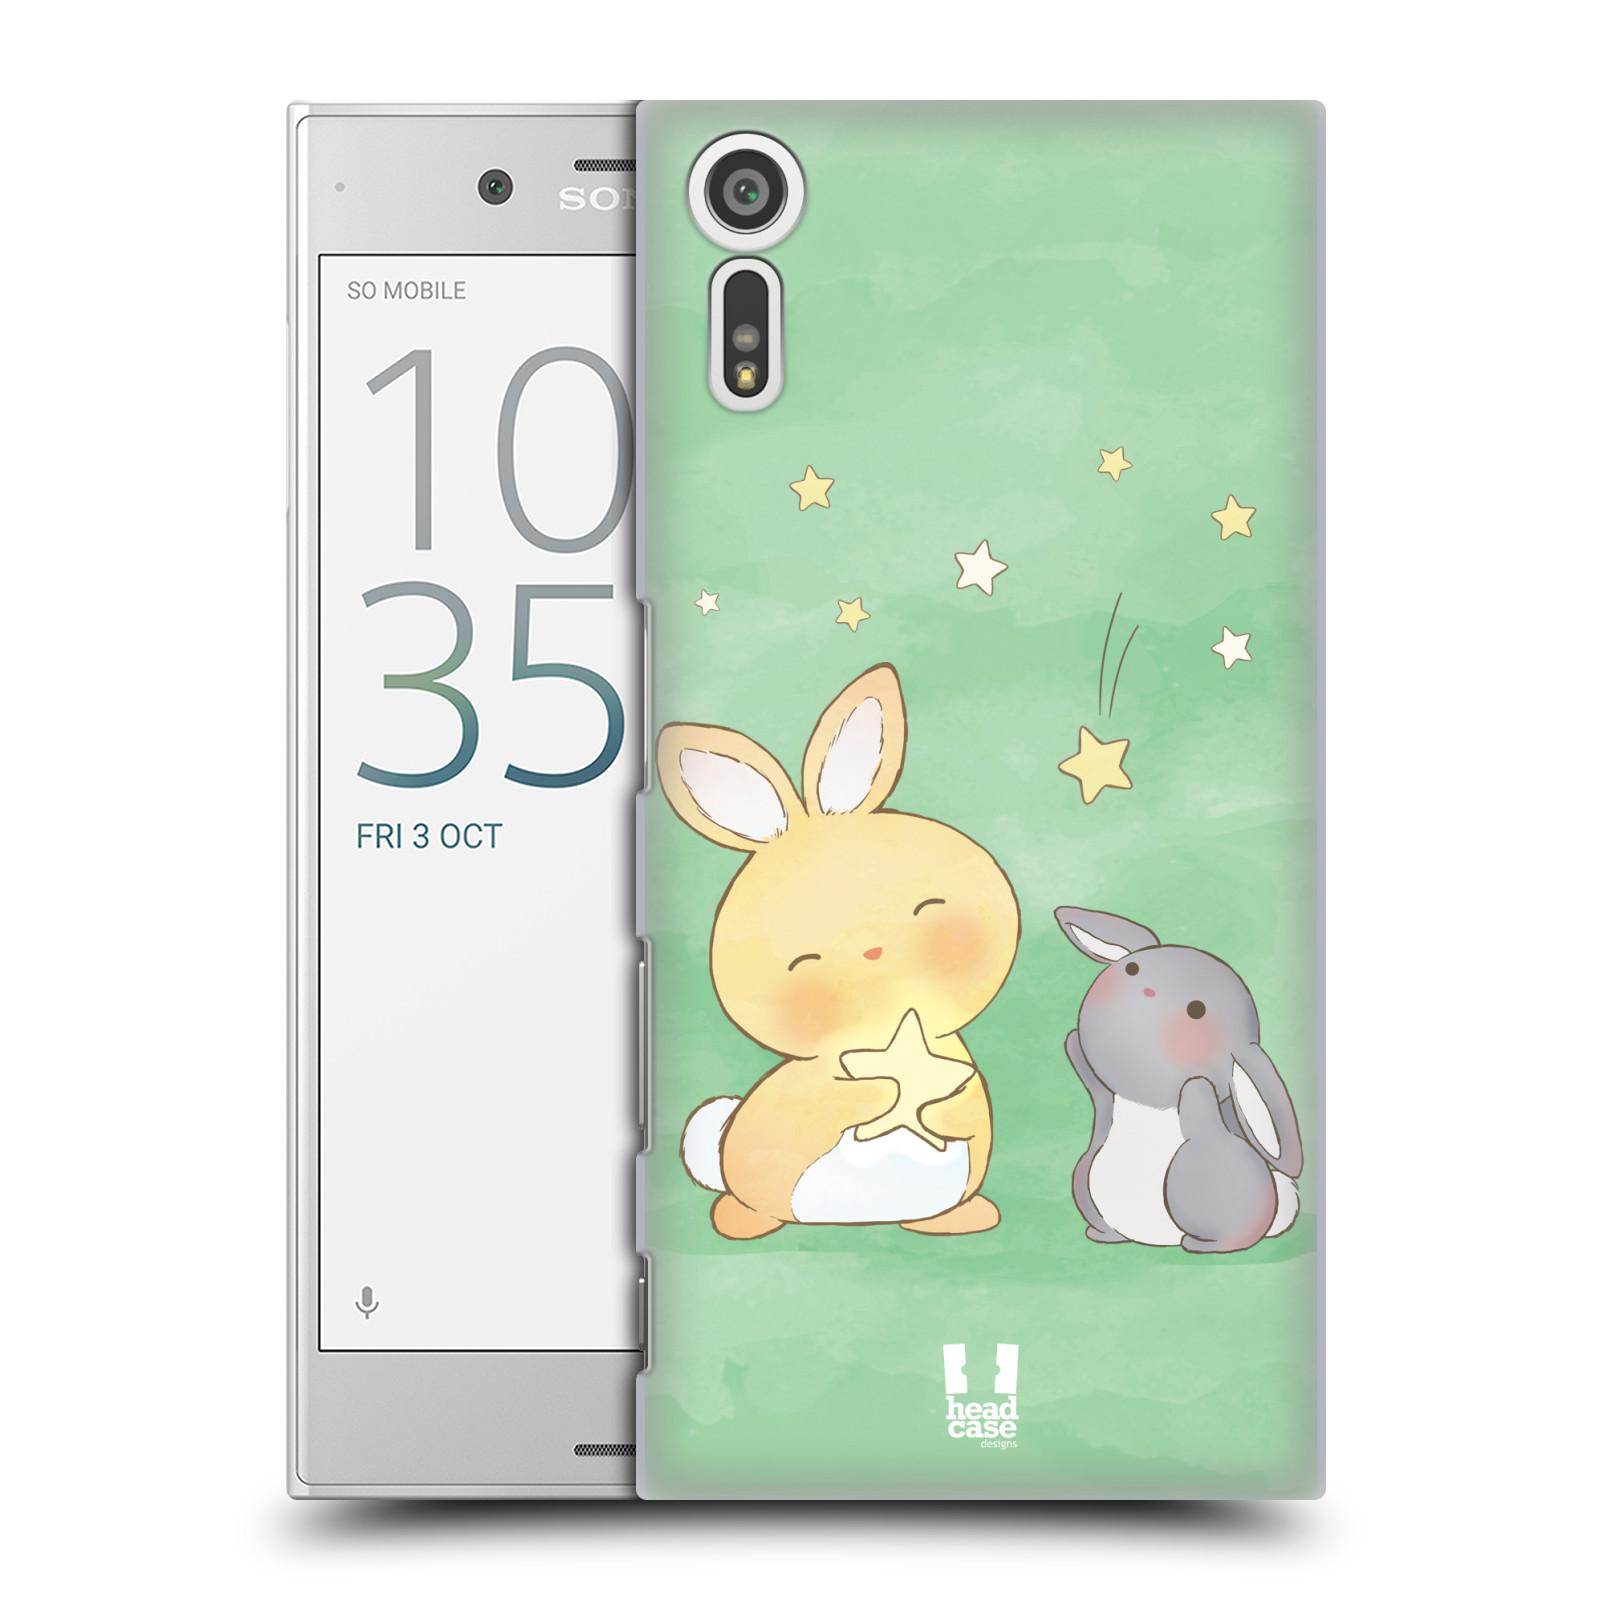 HEAD CASE plastový obal na mobil Sony Xperia XZ vzor králíček a hvězdy zelená